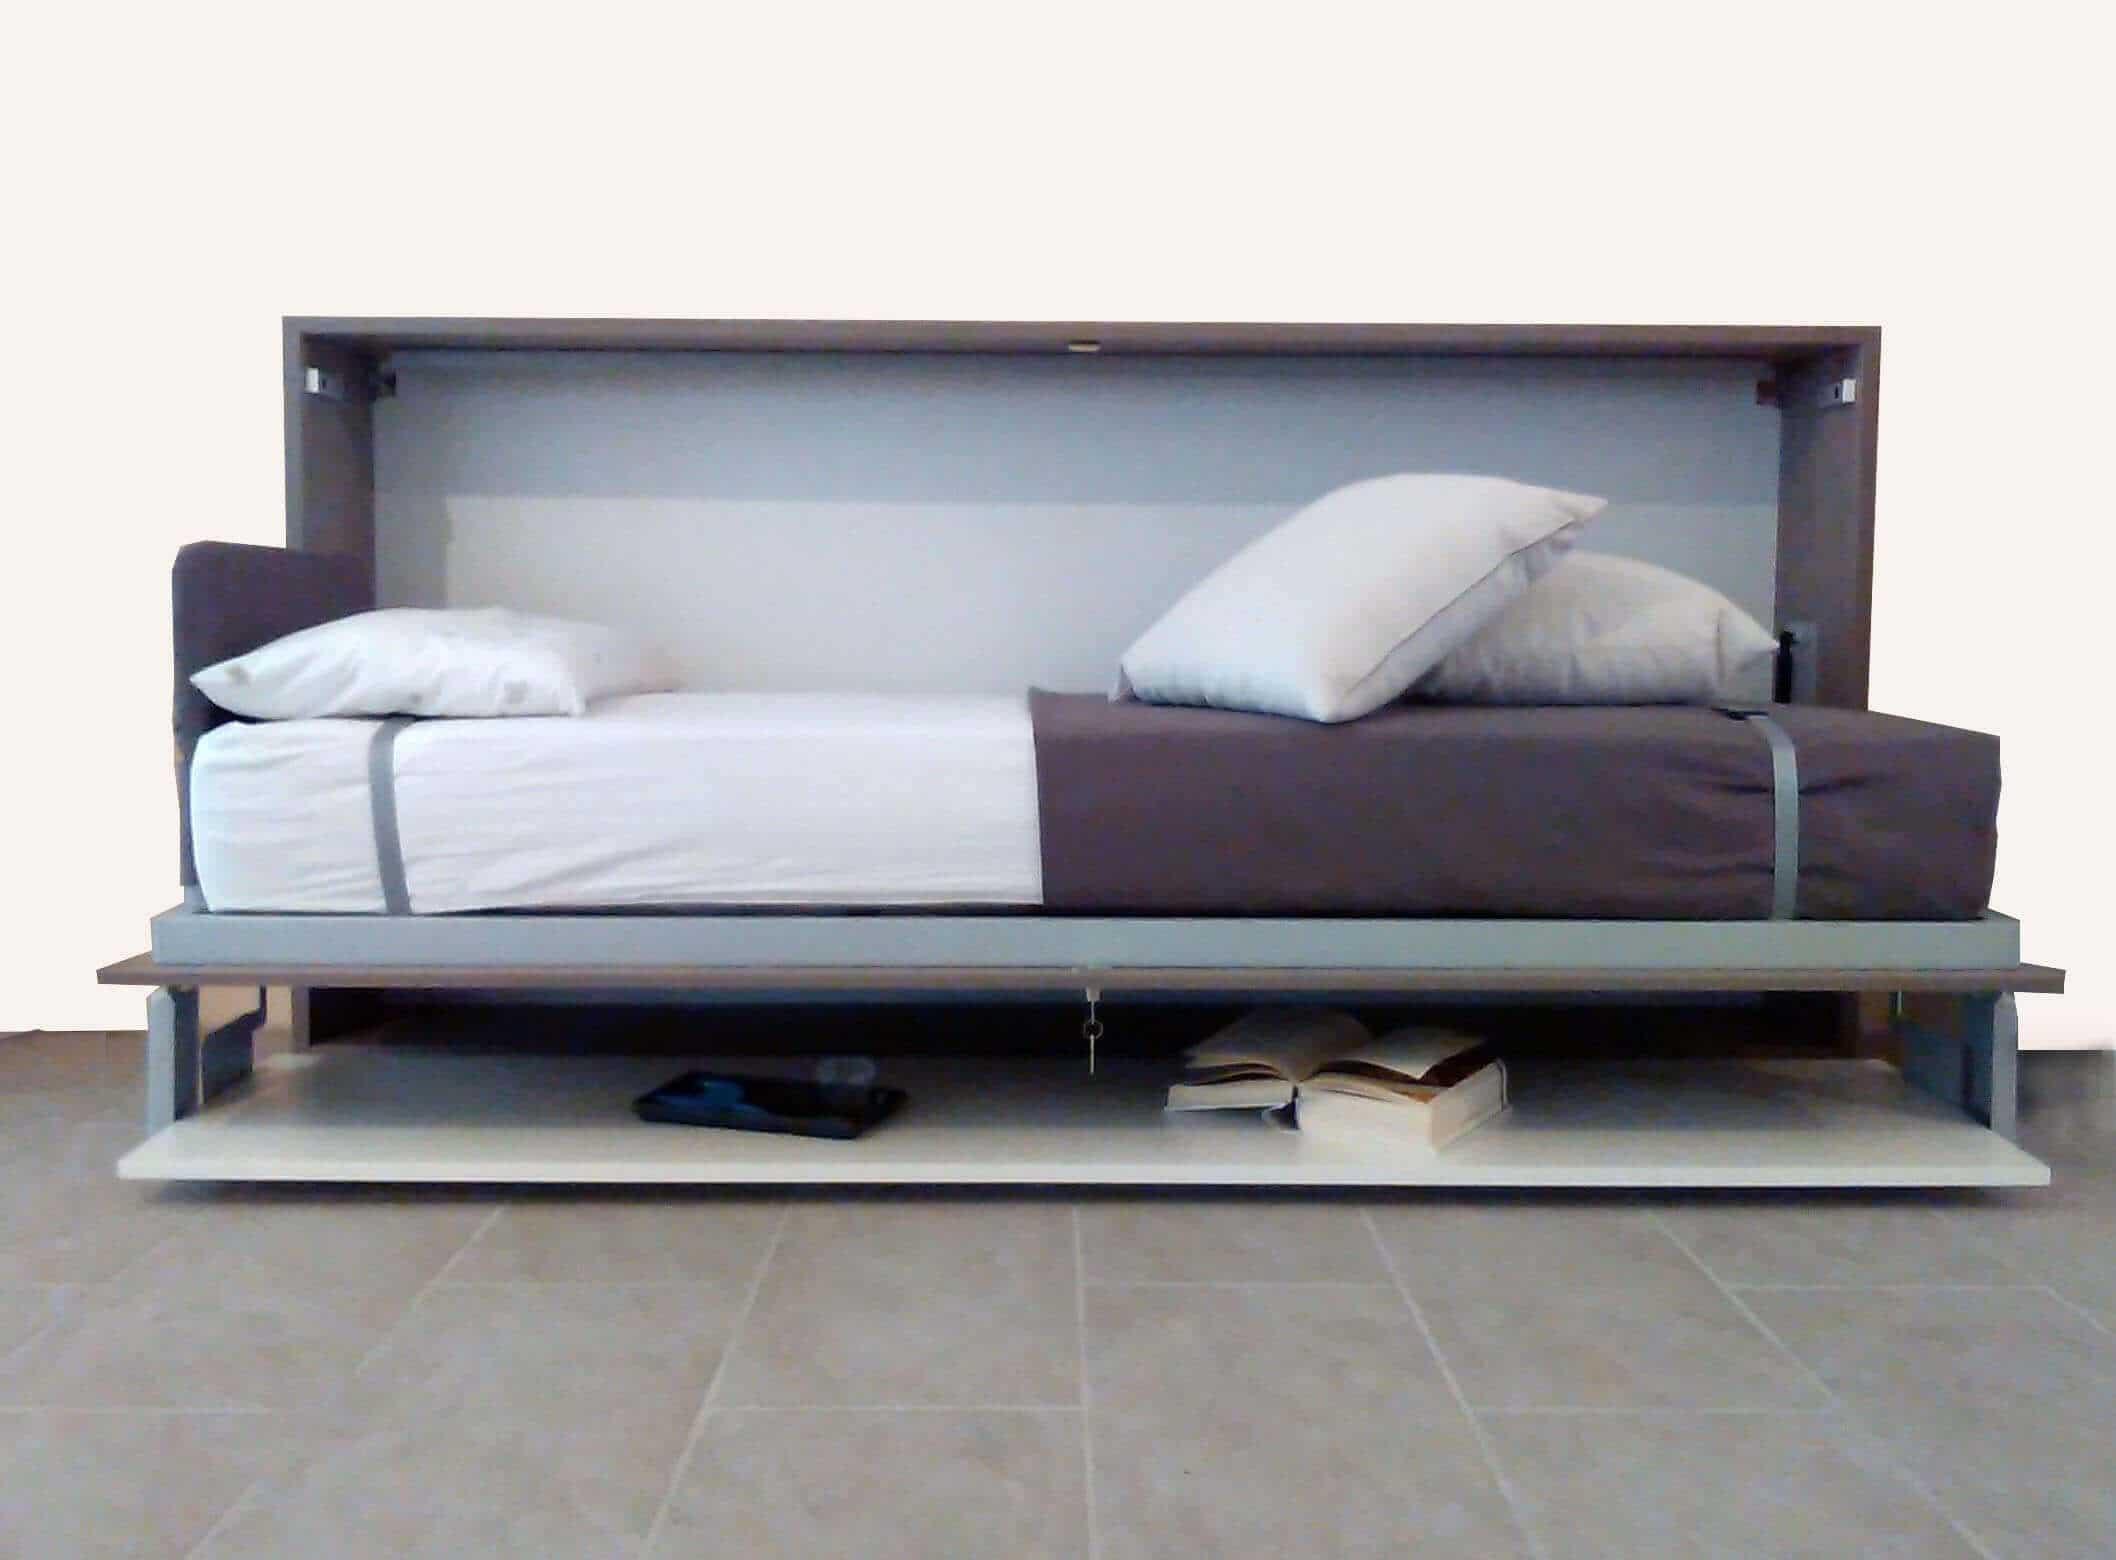 9-letto-a-scomparsa-singolo-scesa-orizzontale-materasso-alto-comodo-salvaspazio